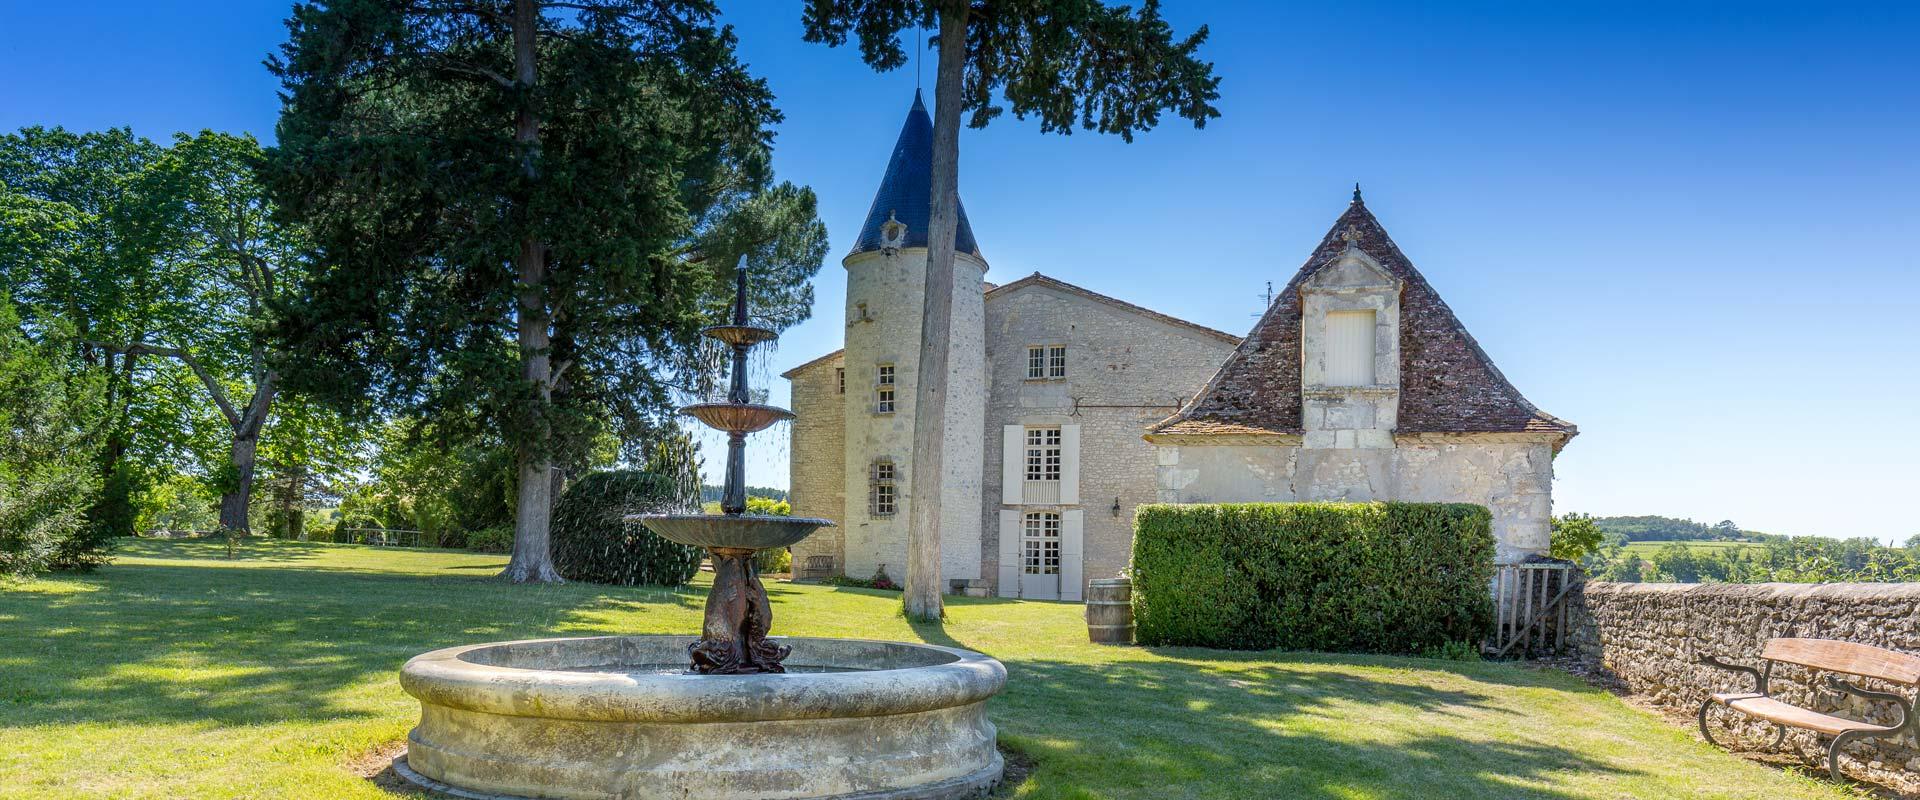 head-home-chateau-de-fayolle-1